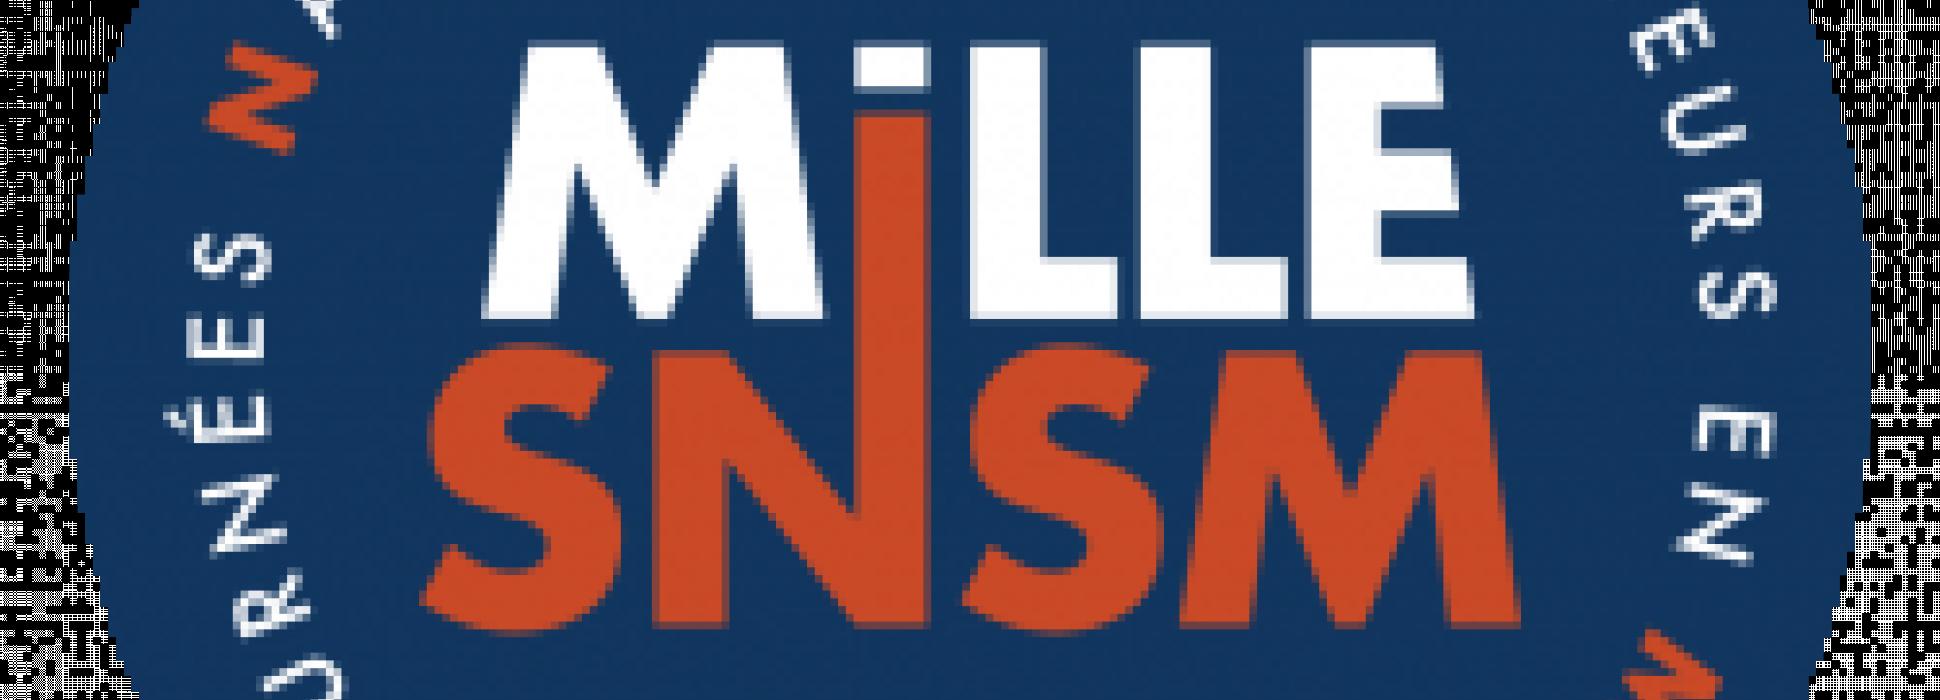 La SNSM célèbre la 5ème édition du Mille SNSM-Journée nationale des Sauveteurs en Mer les 27 et 28 juin prochains